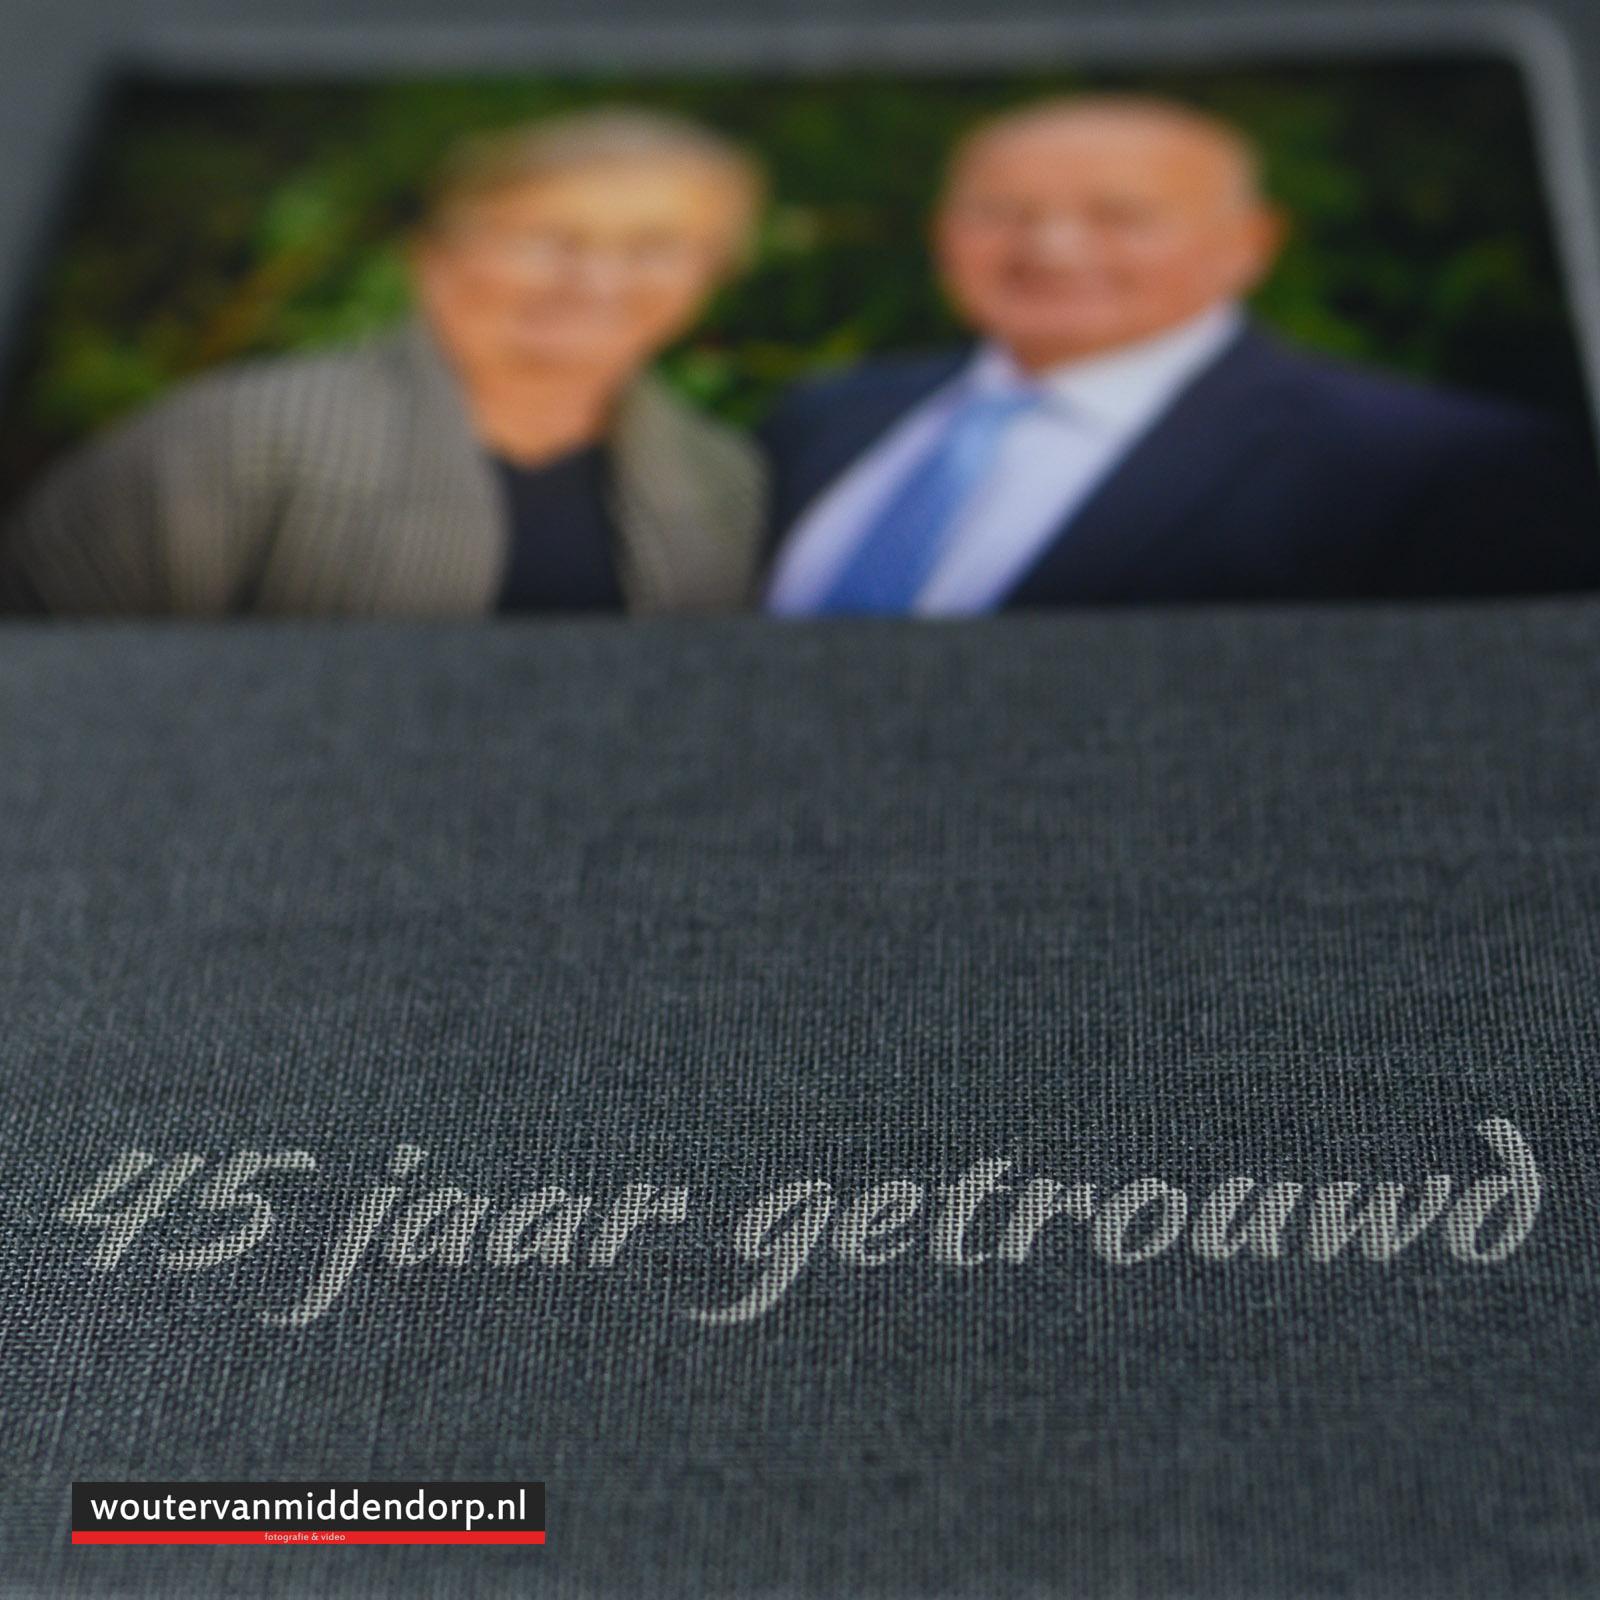 fotoboek groepsfoto fotograaf familiefoto Wouter van Middendorp Uddel-10